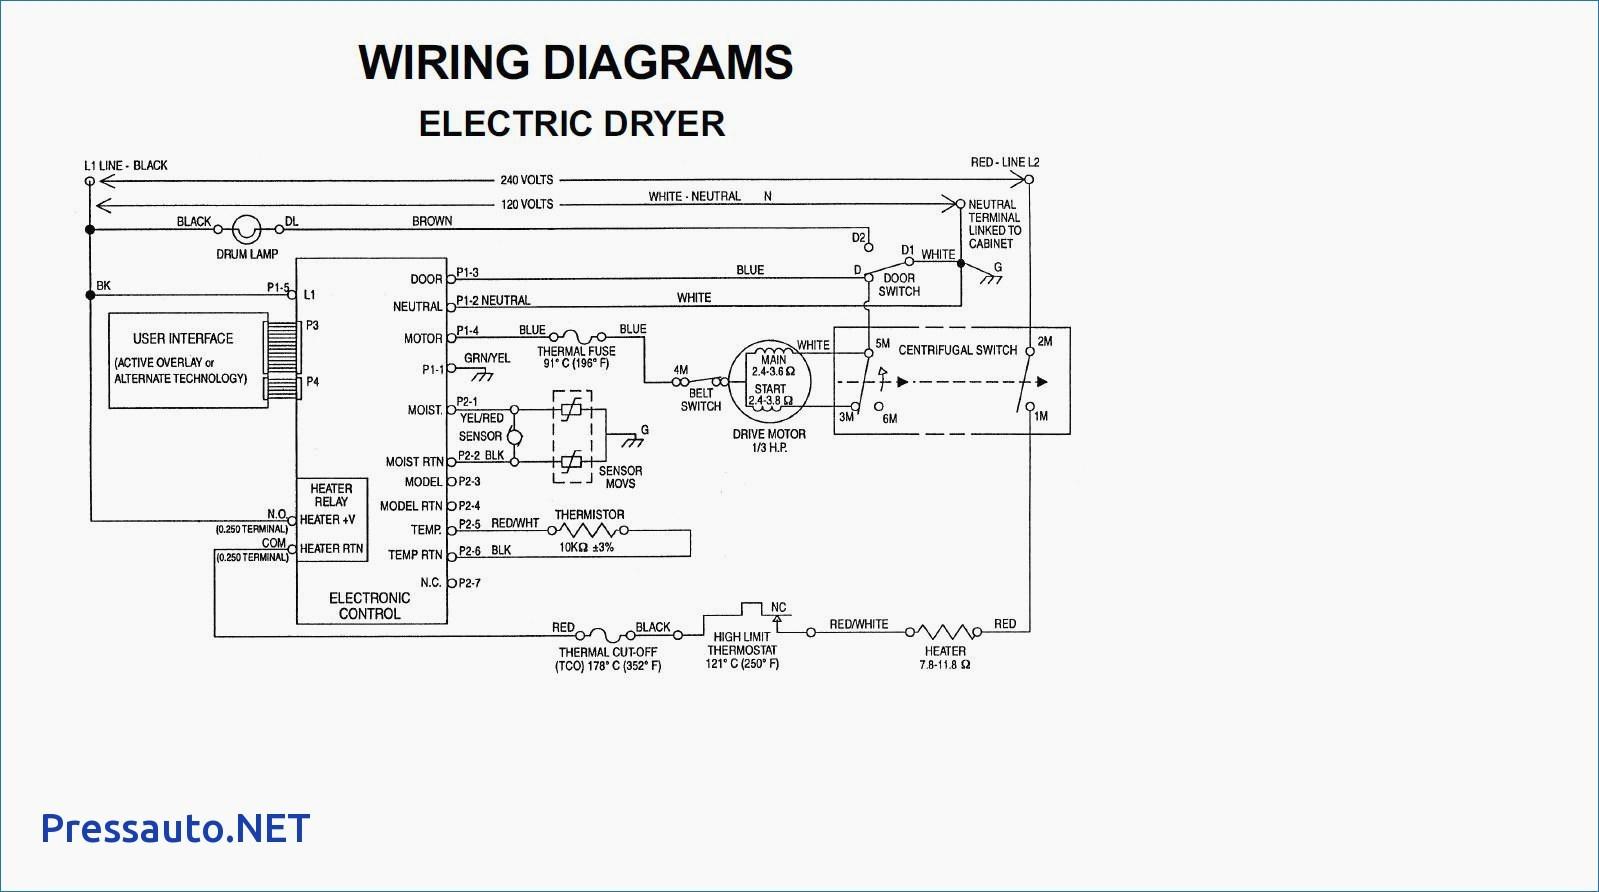 wiring diagram duet dryer